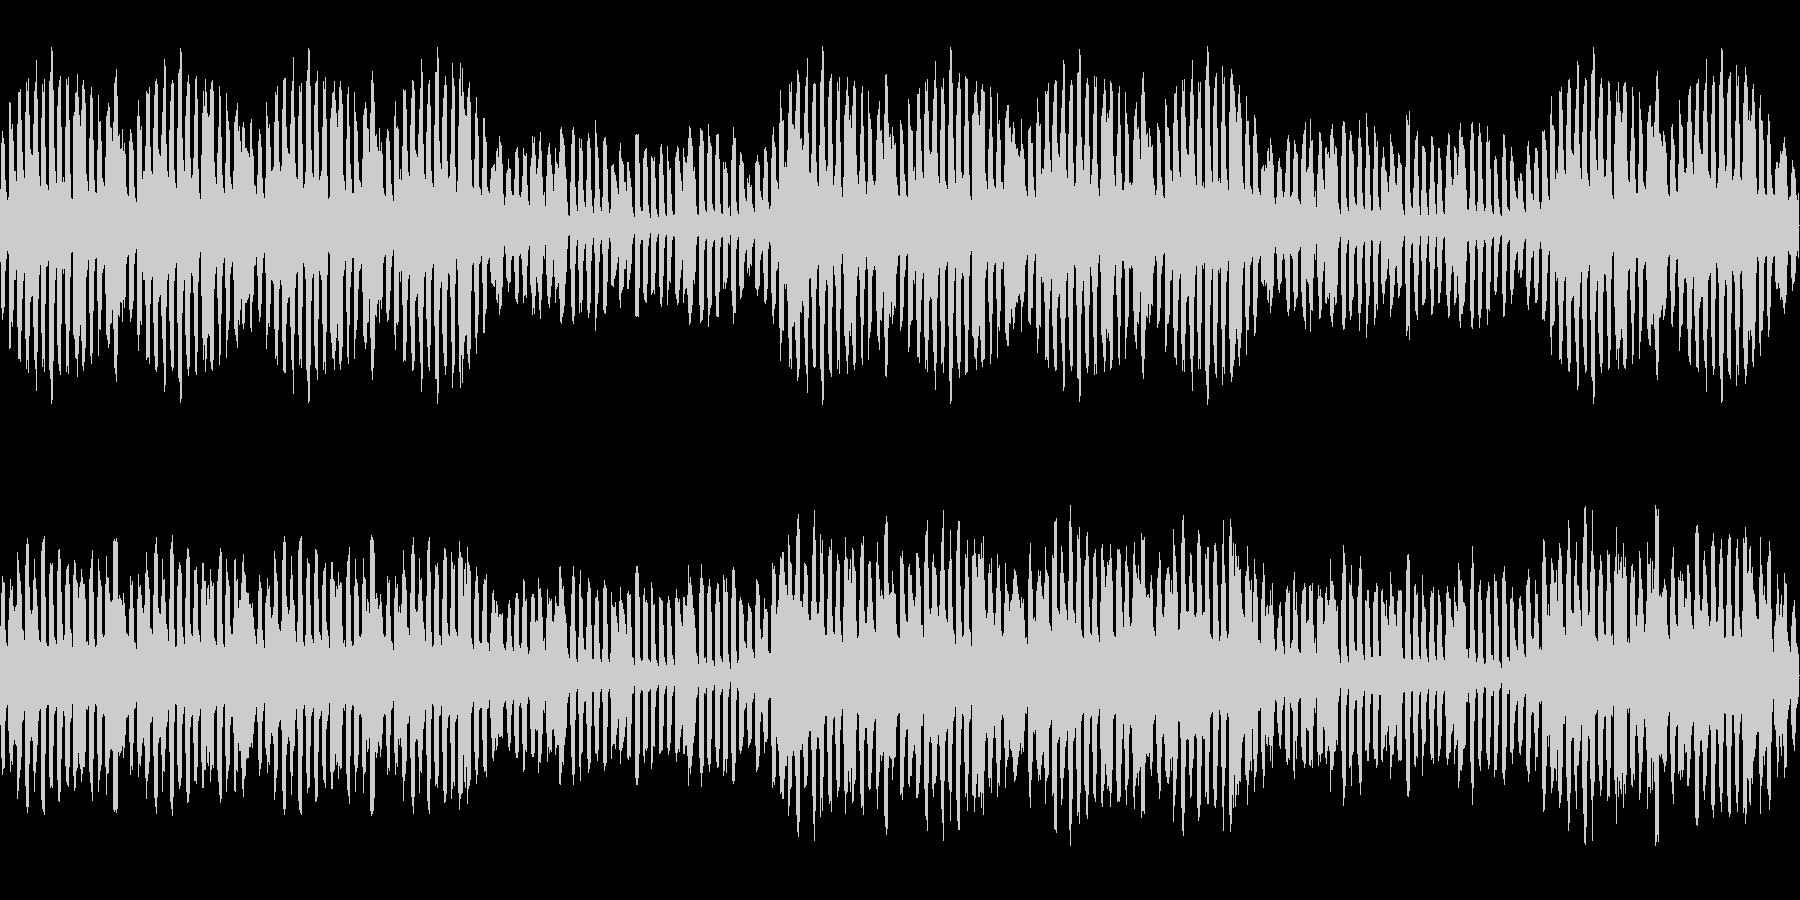 【ドラム・ベース抜き】スロットガチャや…の未再生の波形